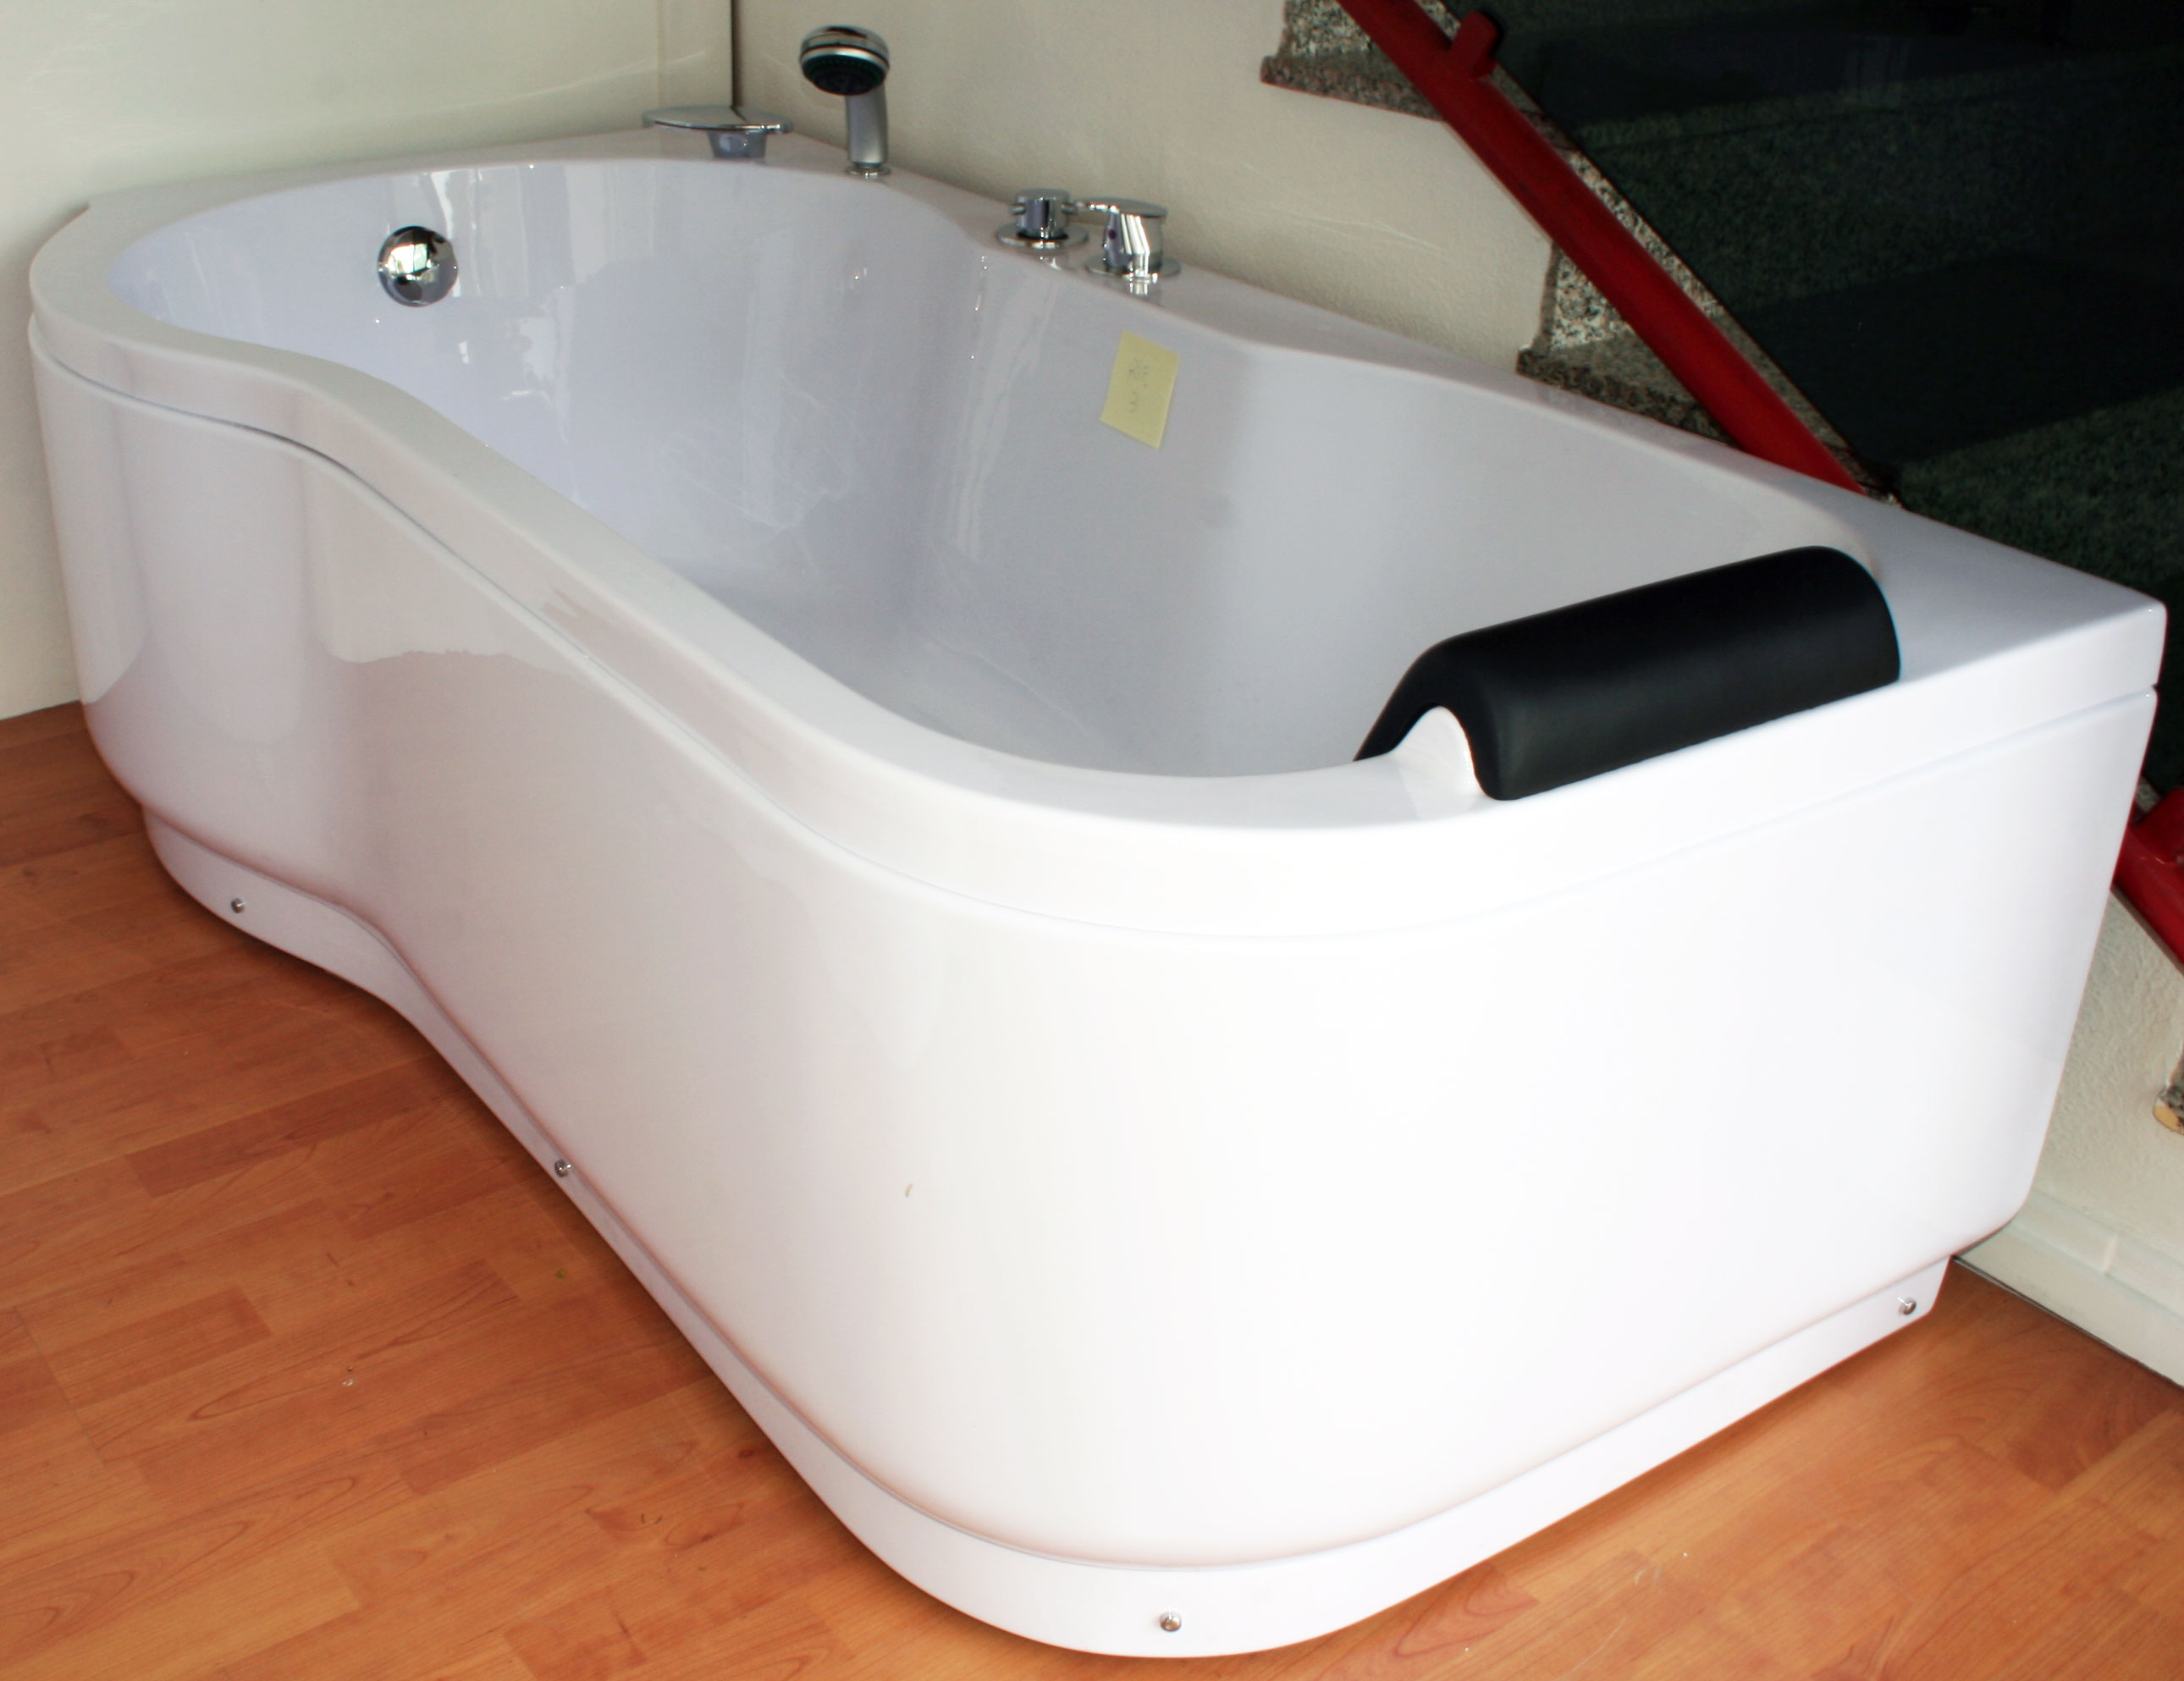 Rif 3 vasca da bagno 170x85 angolare sinistra blog box - Vasca da bagno angolare misure ...